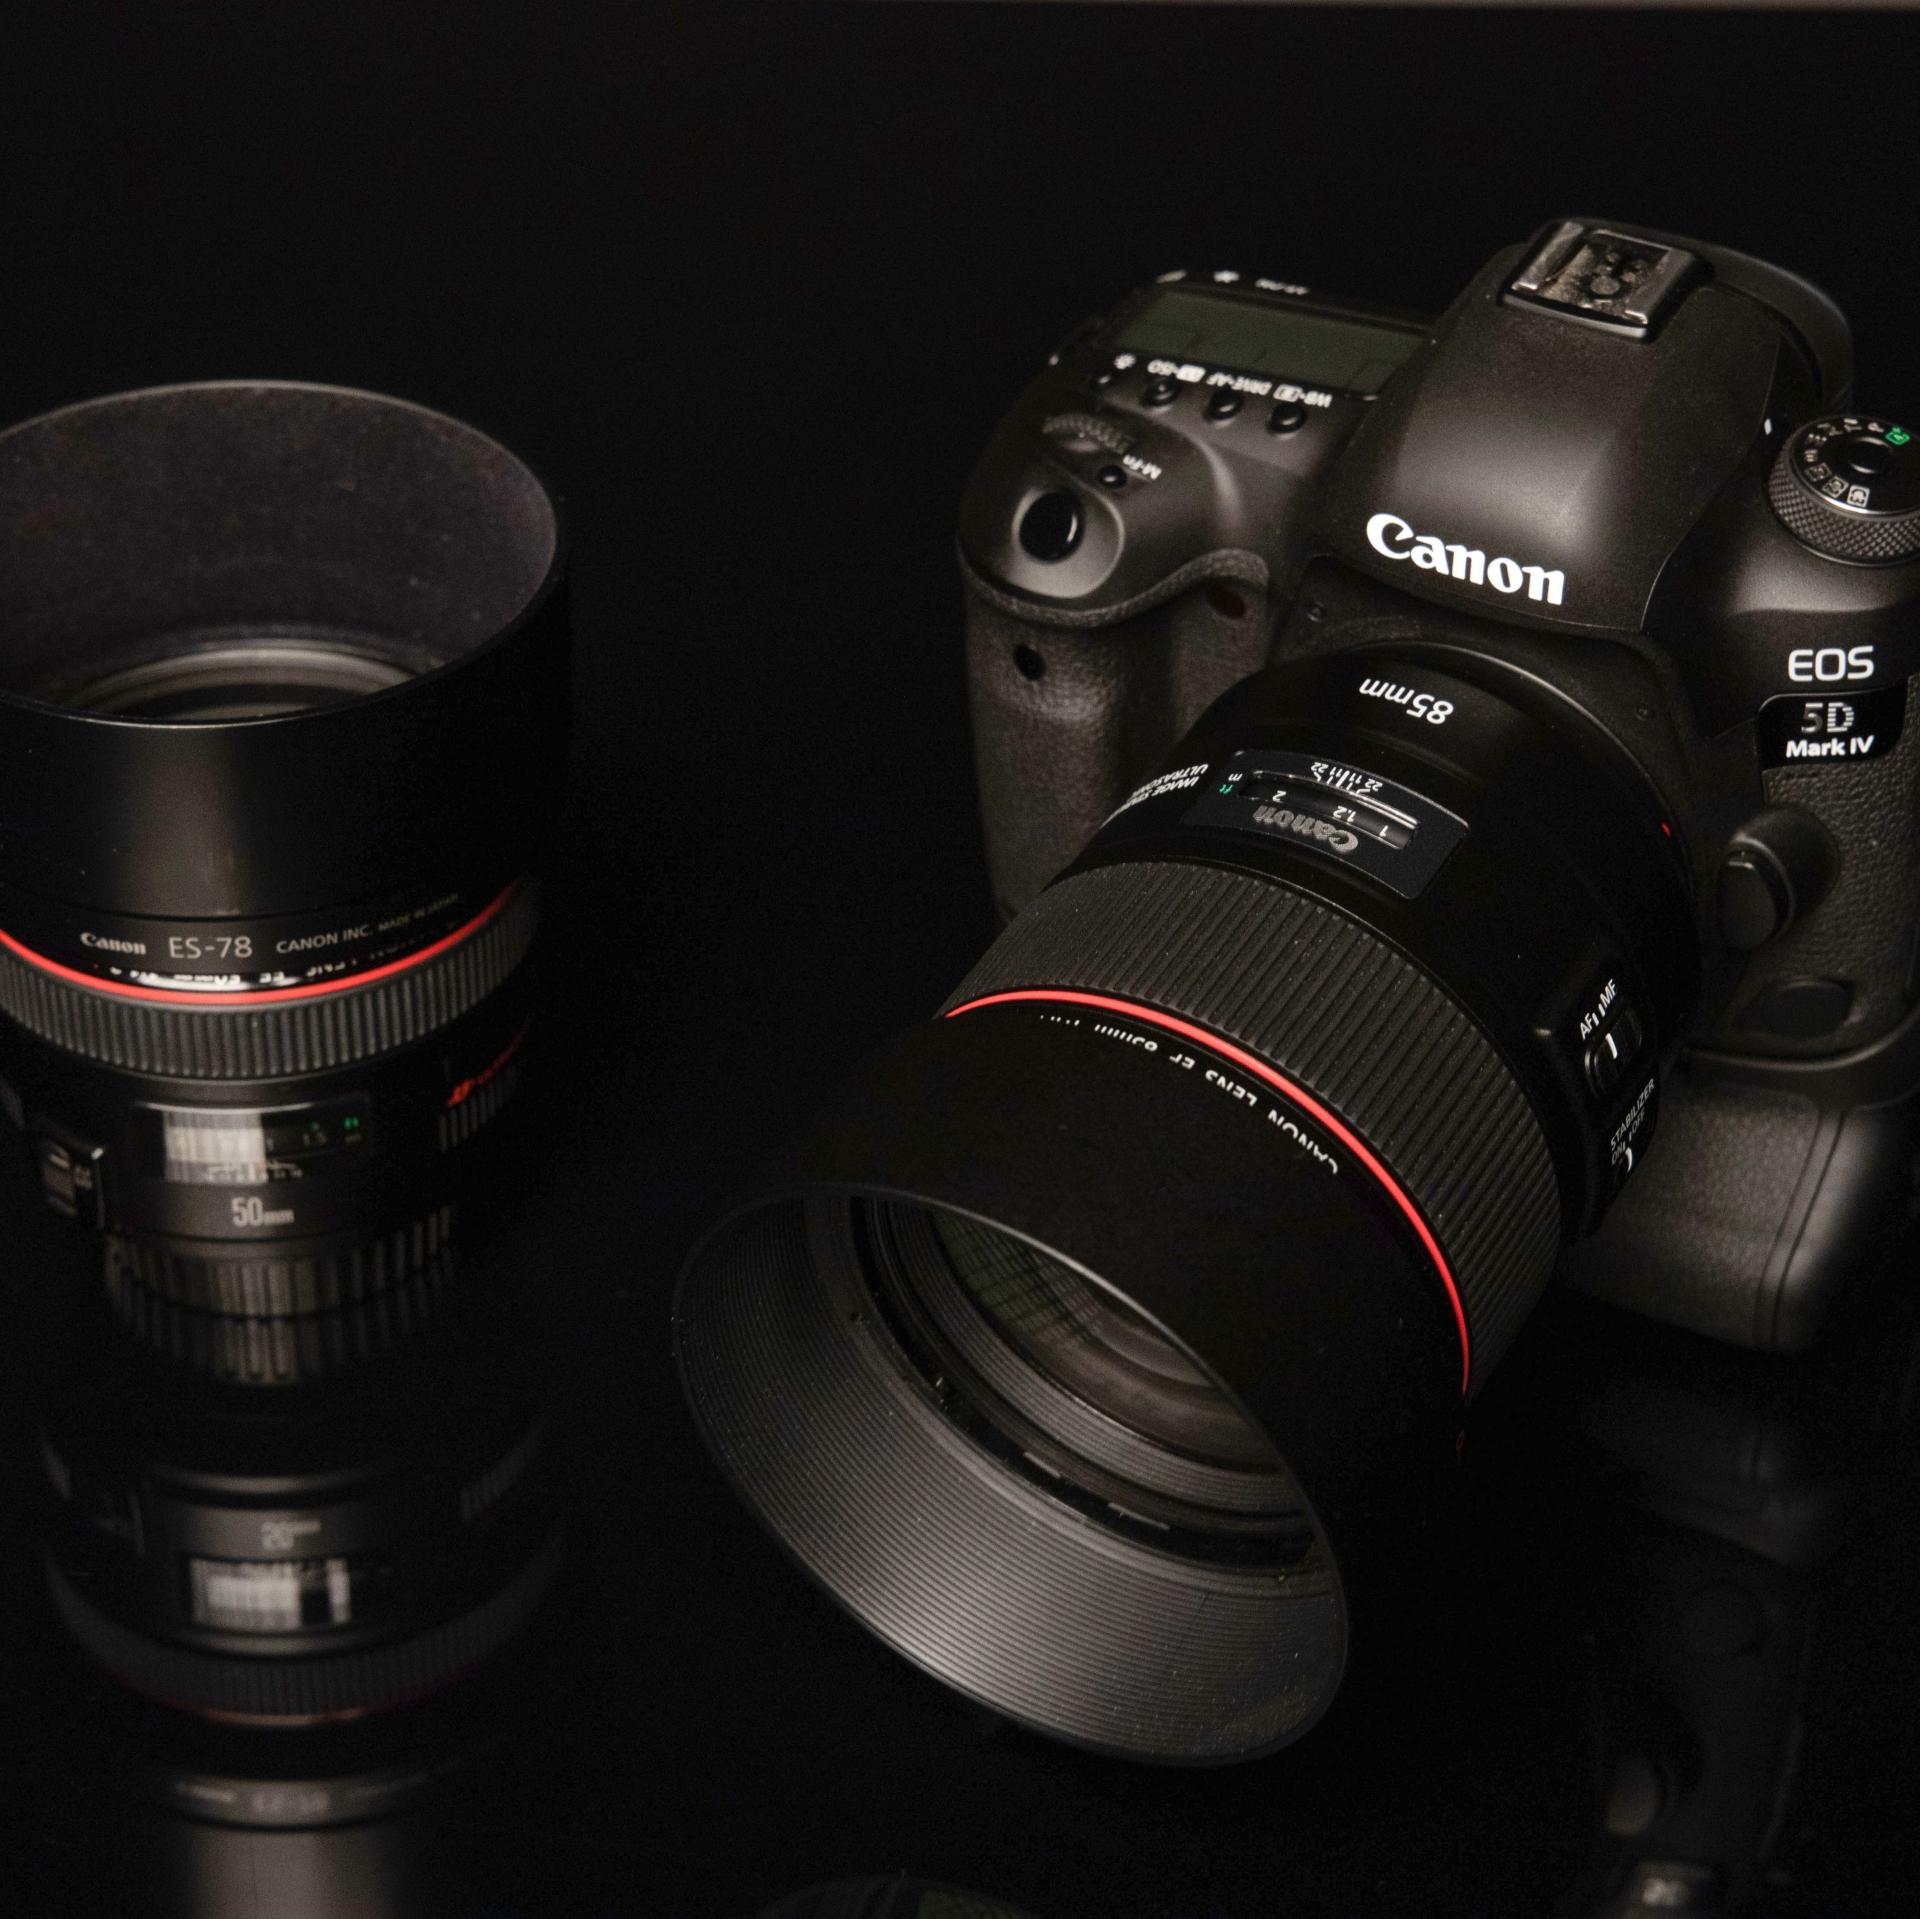 Objektive mit einer Brennweite von 85mm sind sehr gut für Portraits geeignet.